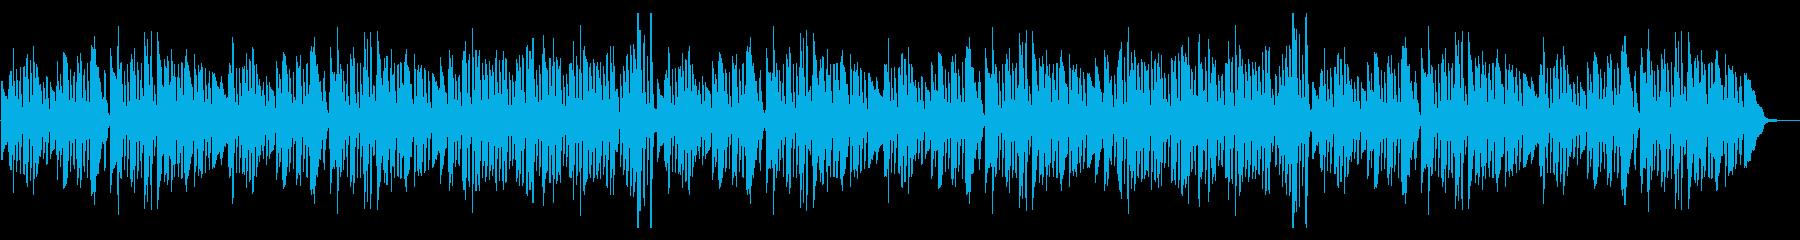 【YouTube】かわいいピアノソロ曲の再生済みの波形